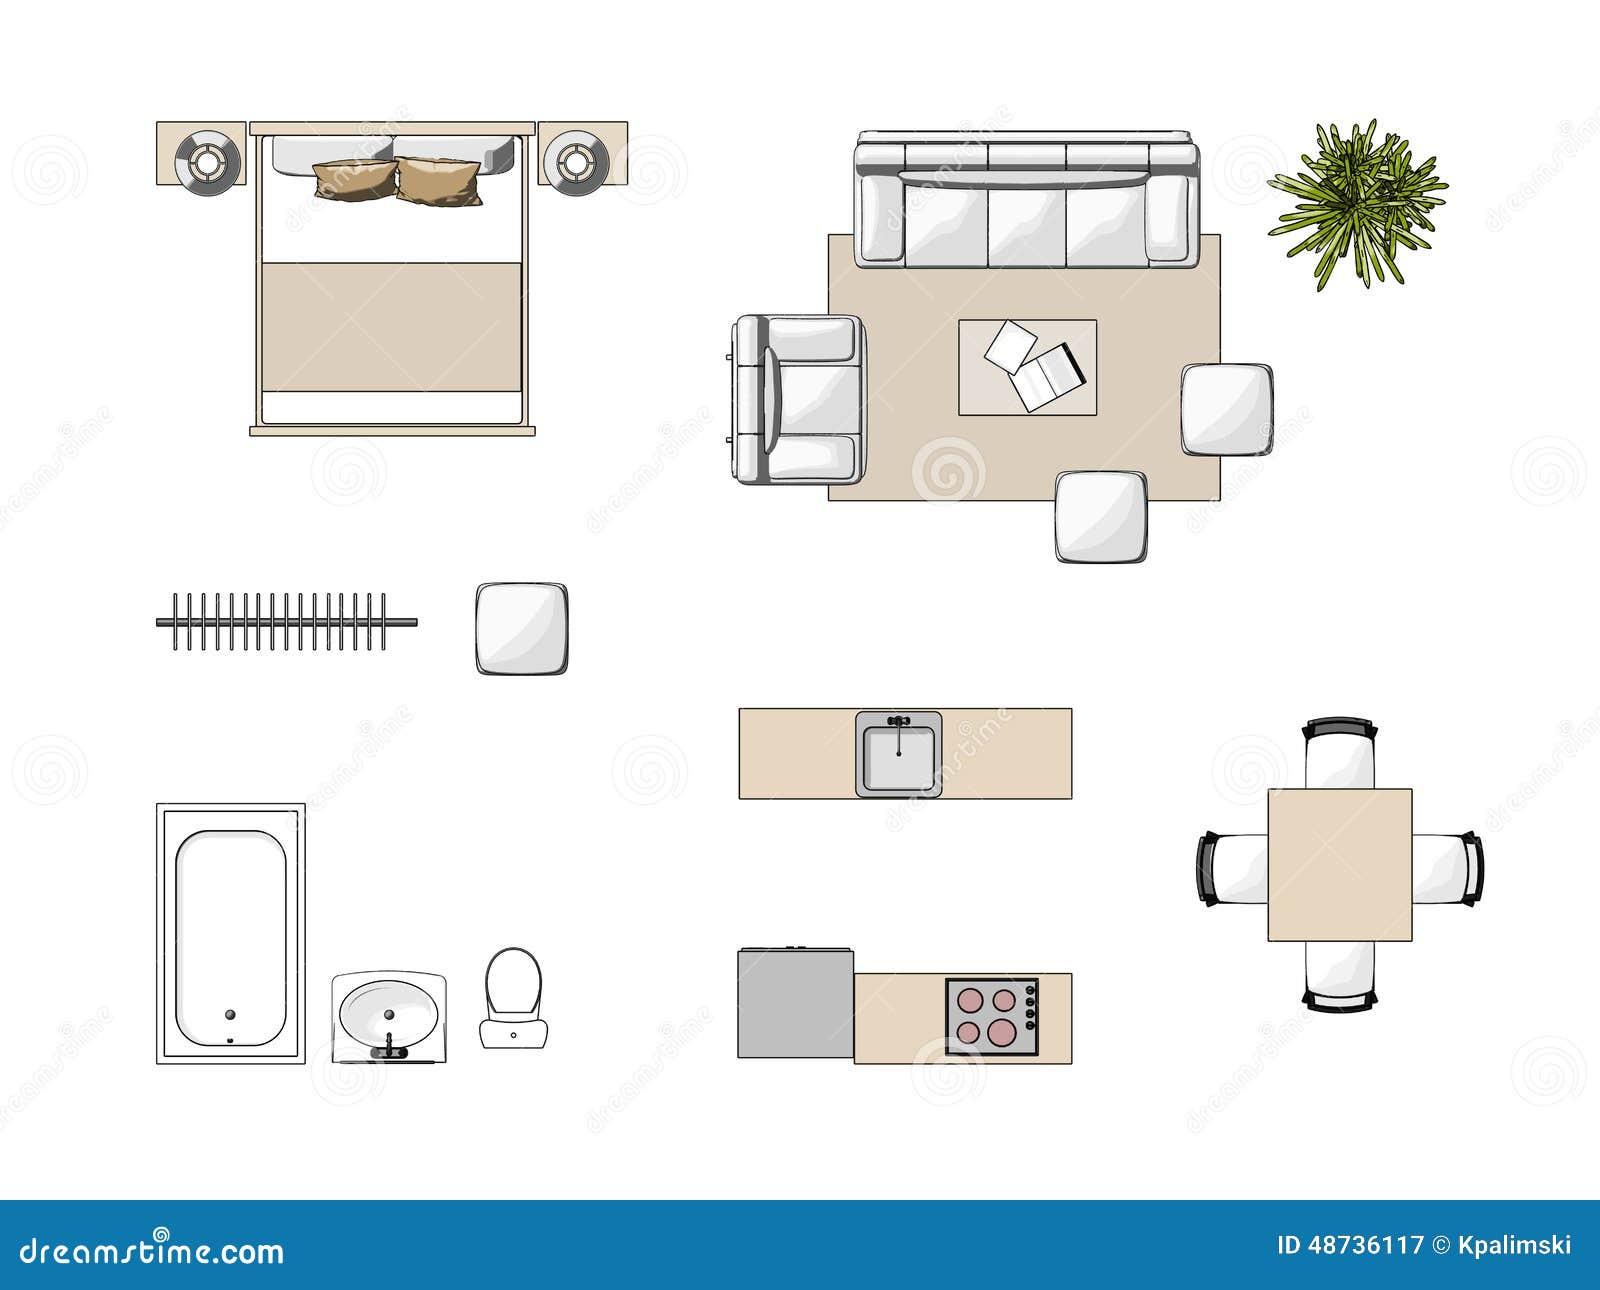 Draufsicht der m bel stock abbildung bild von wanne for Best free room planner